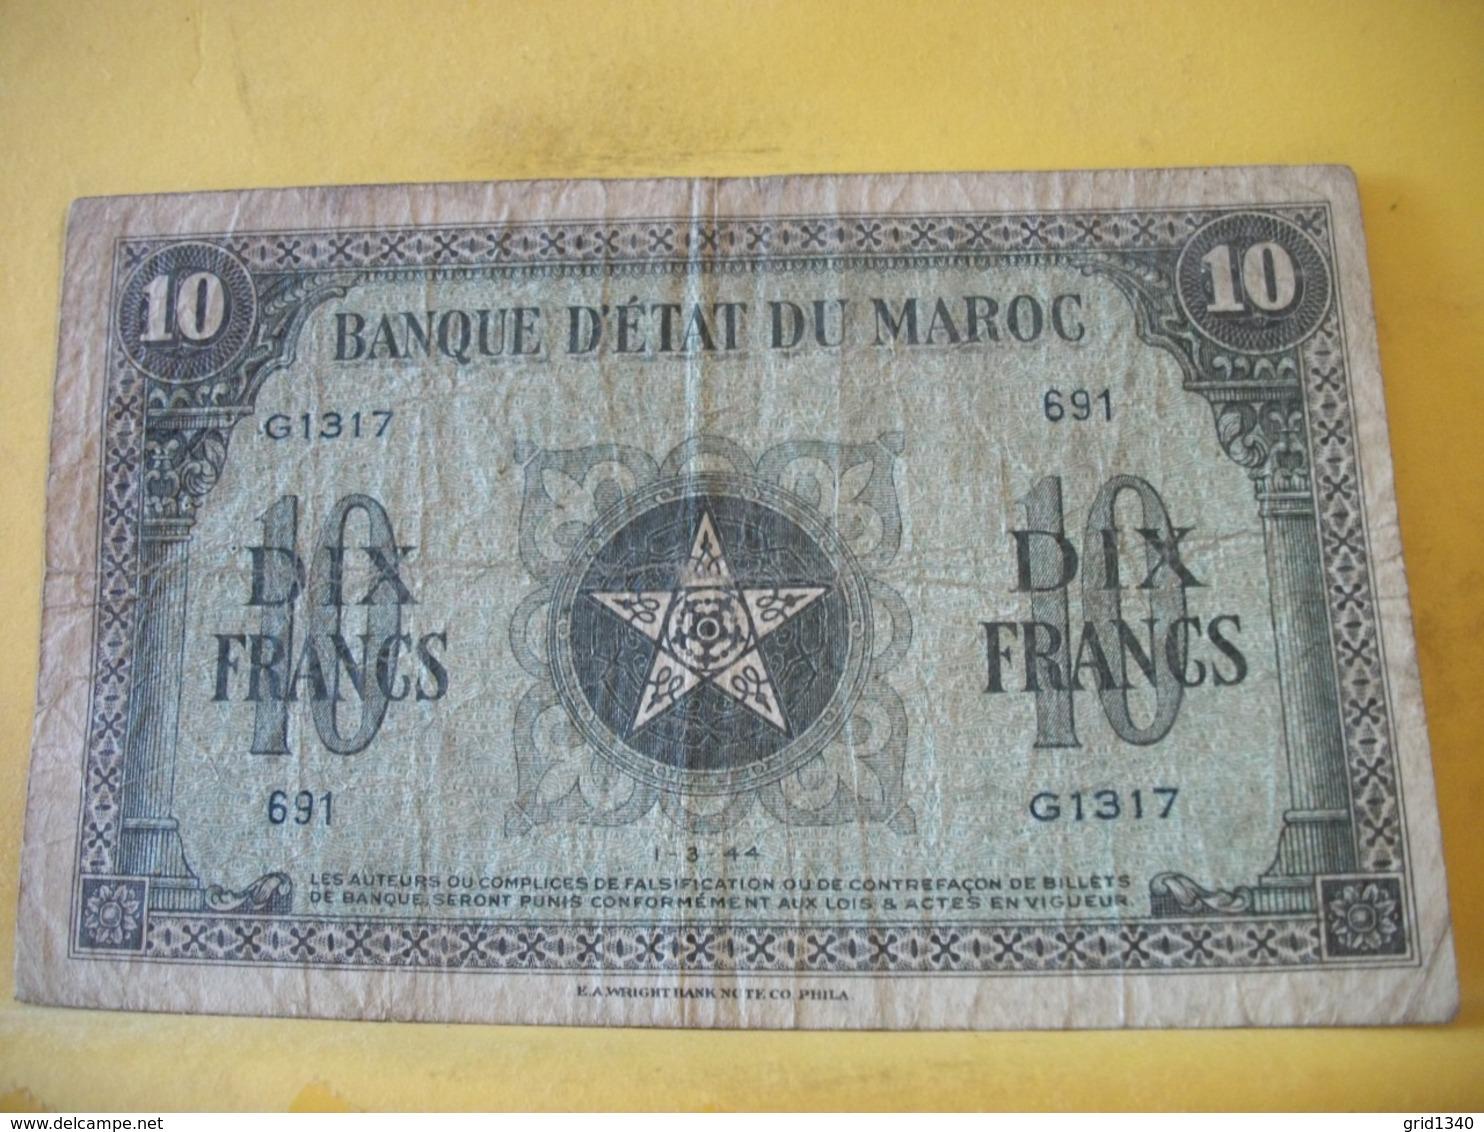 A 2445 BANQUE D'ETAT DU MAROC 10 FRANCS 01. 03. 1944 N° G1317 691 - Marocco